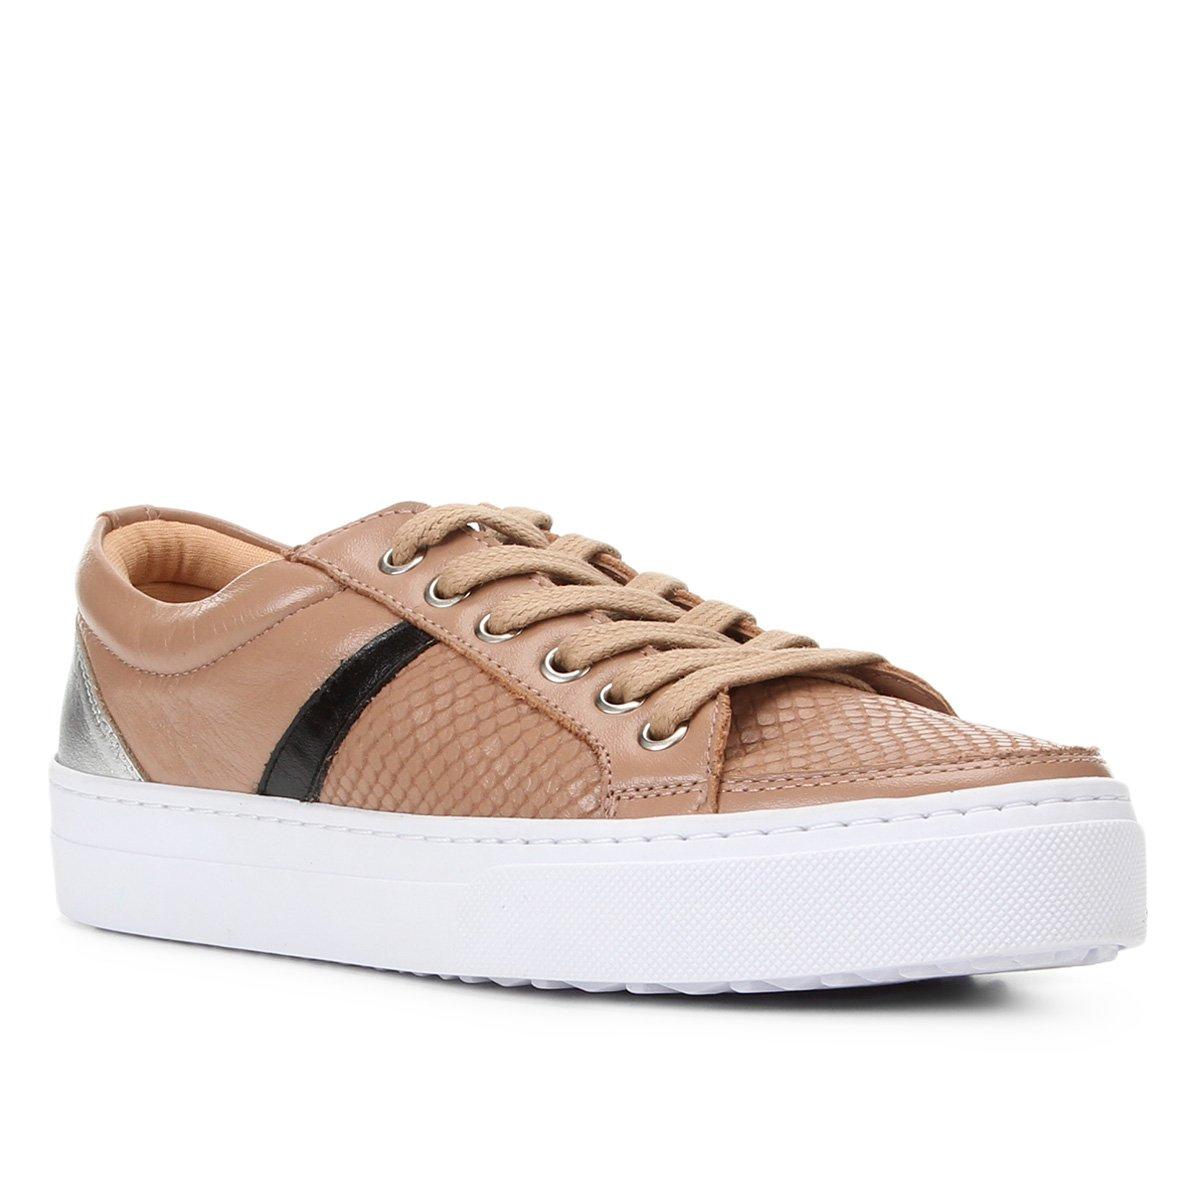 Tênis Couro Shoestock Cobra Listra Feminino